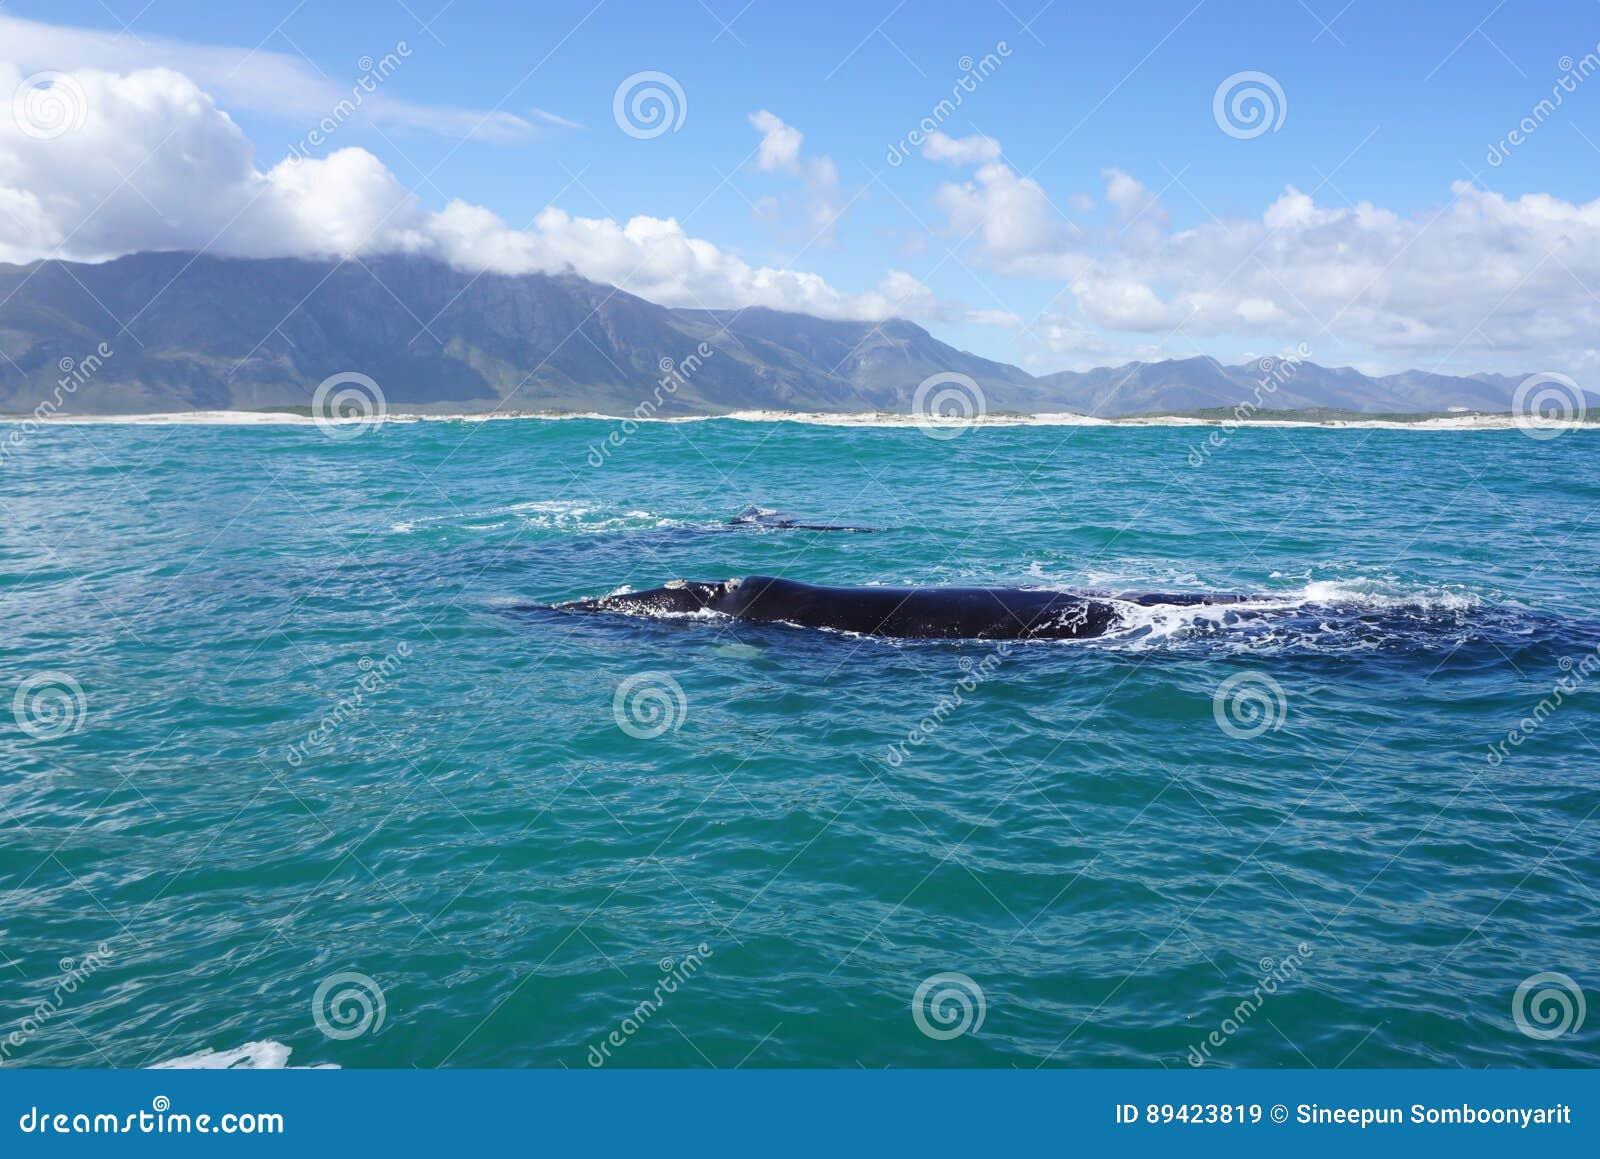 Baleia no oceano com fundo da montanha